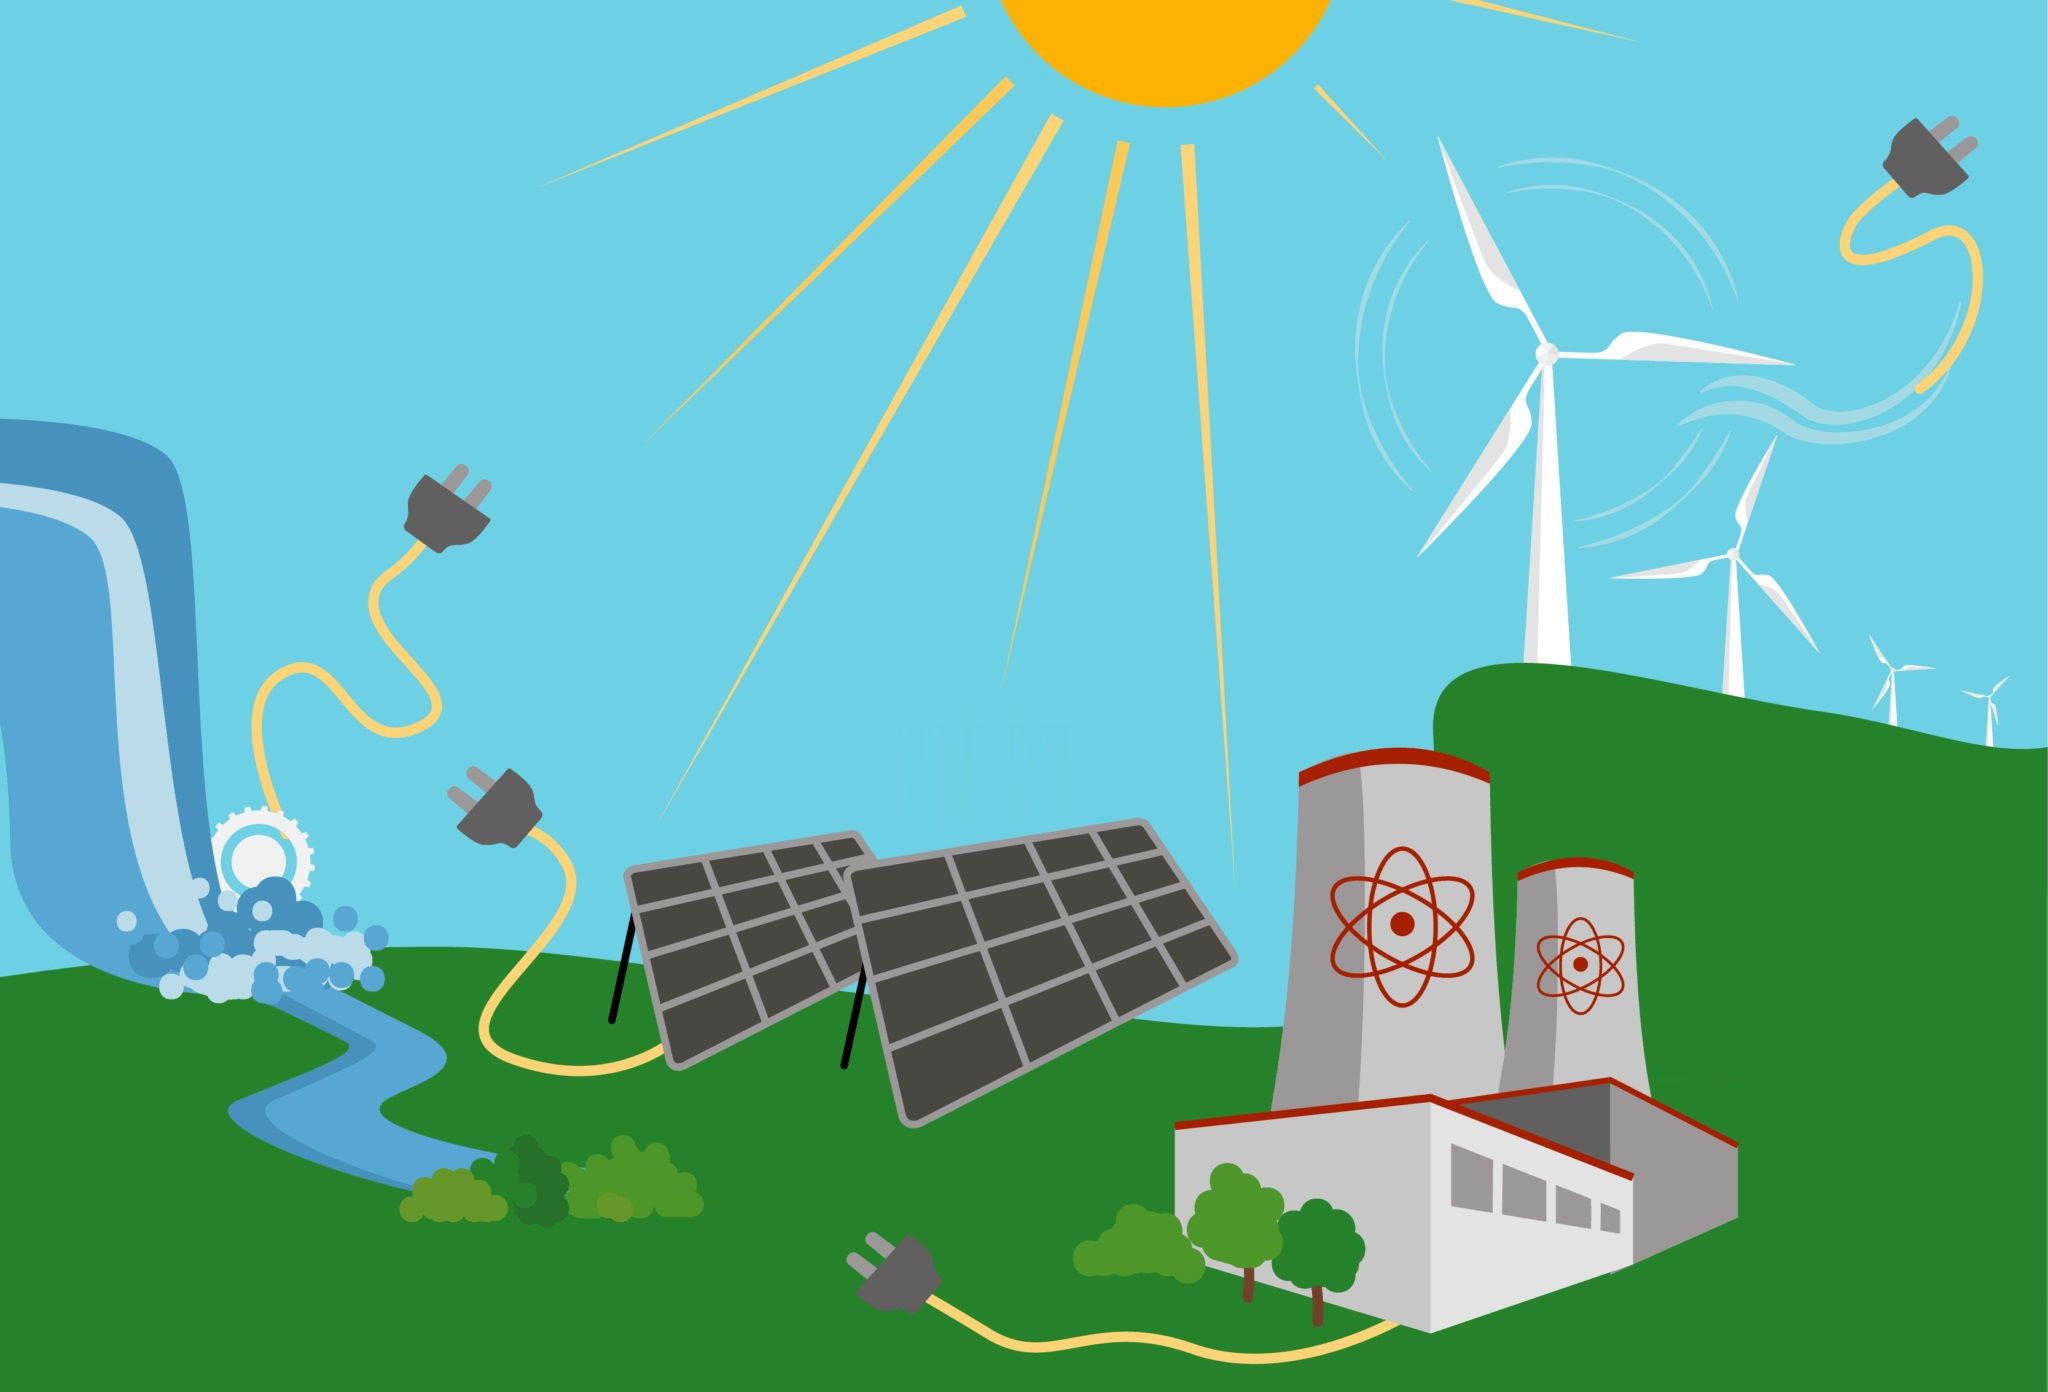 انرژی تجدید پذیر — از صفر تا صد